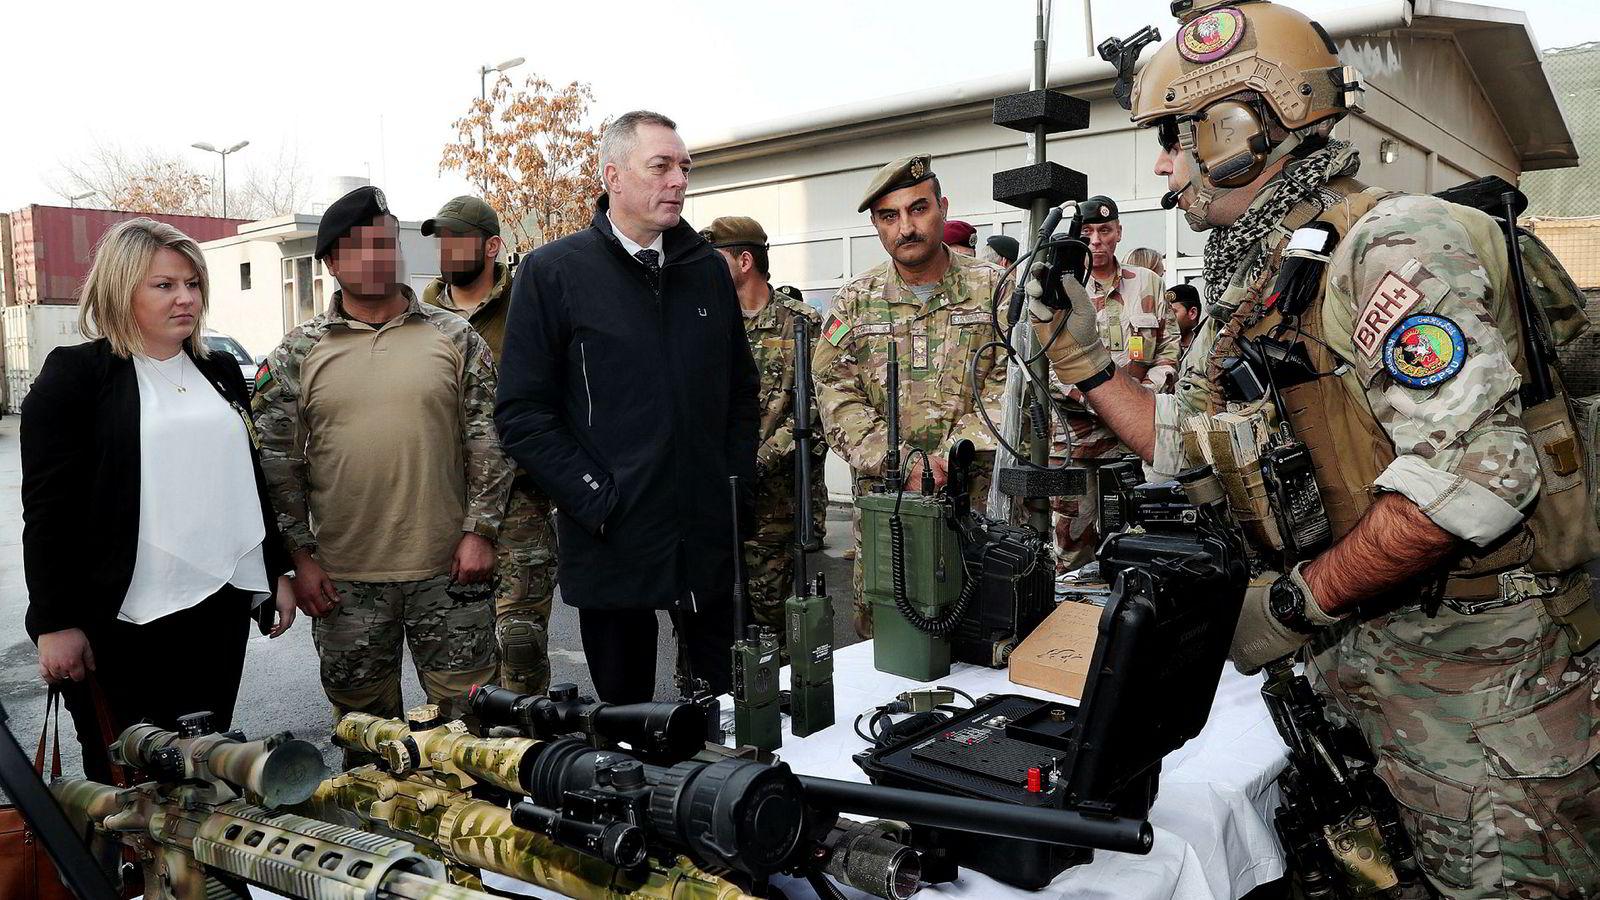 Forsvarsminister Frank Bakke-Jensen fikk i fjor tre tepper av presidenten, forsvarsministeren og sikkerhetsrådgiveren i Afghanistan. Her er han i Kabul i januar 2018 med CRU 222, som blir trent av norske spesialstyrker.